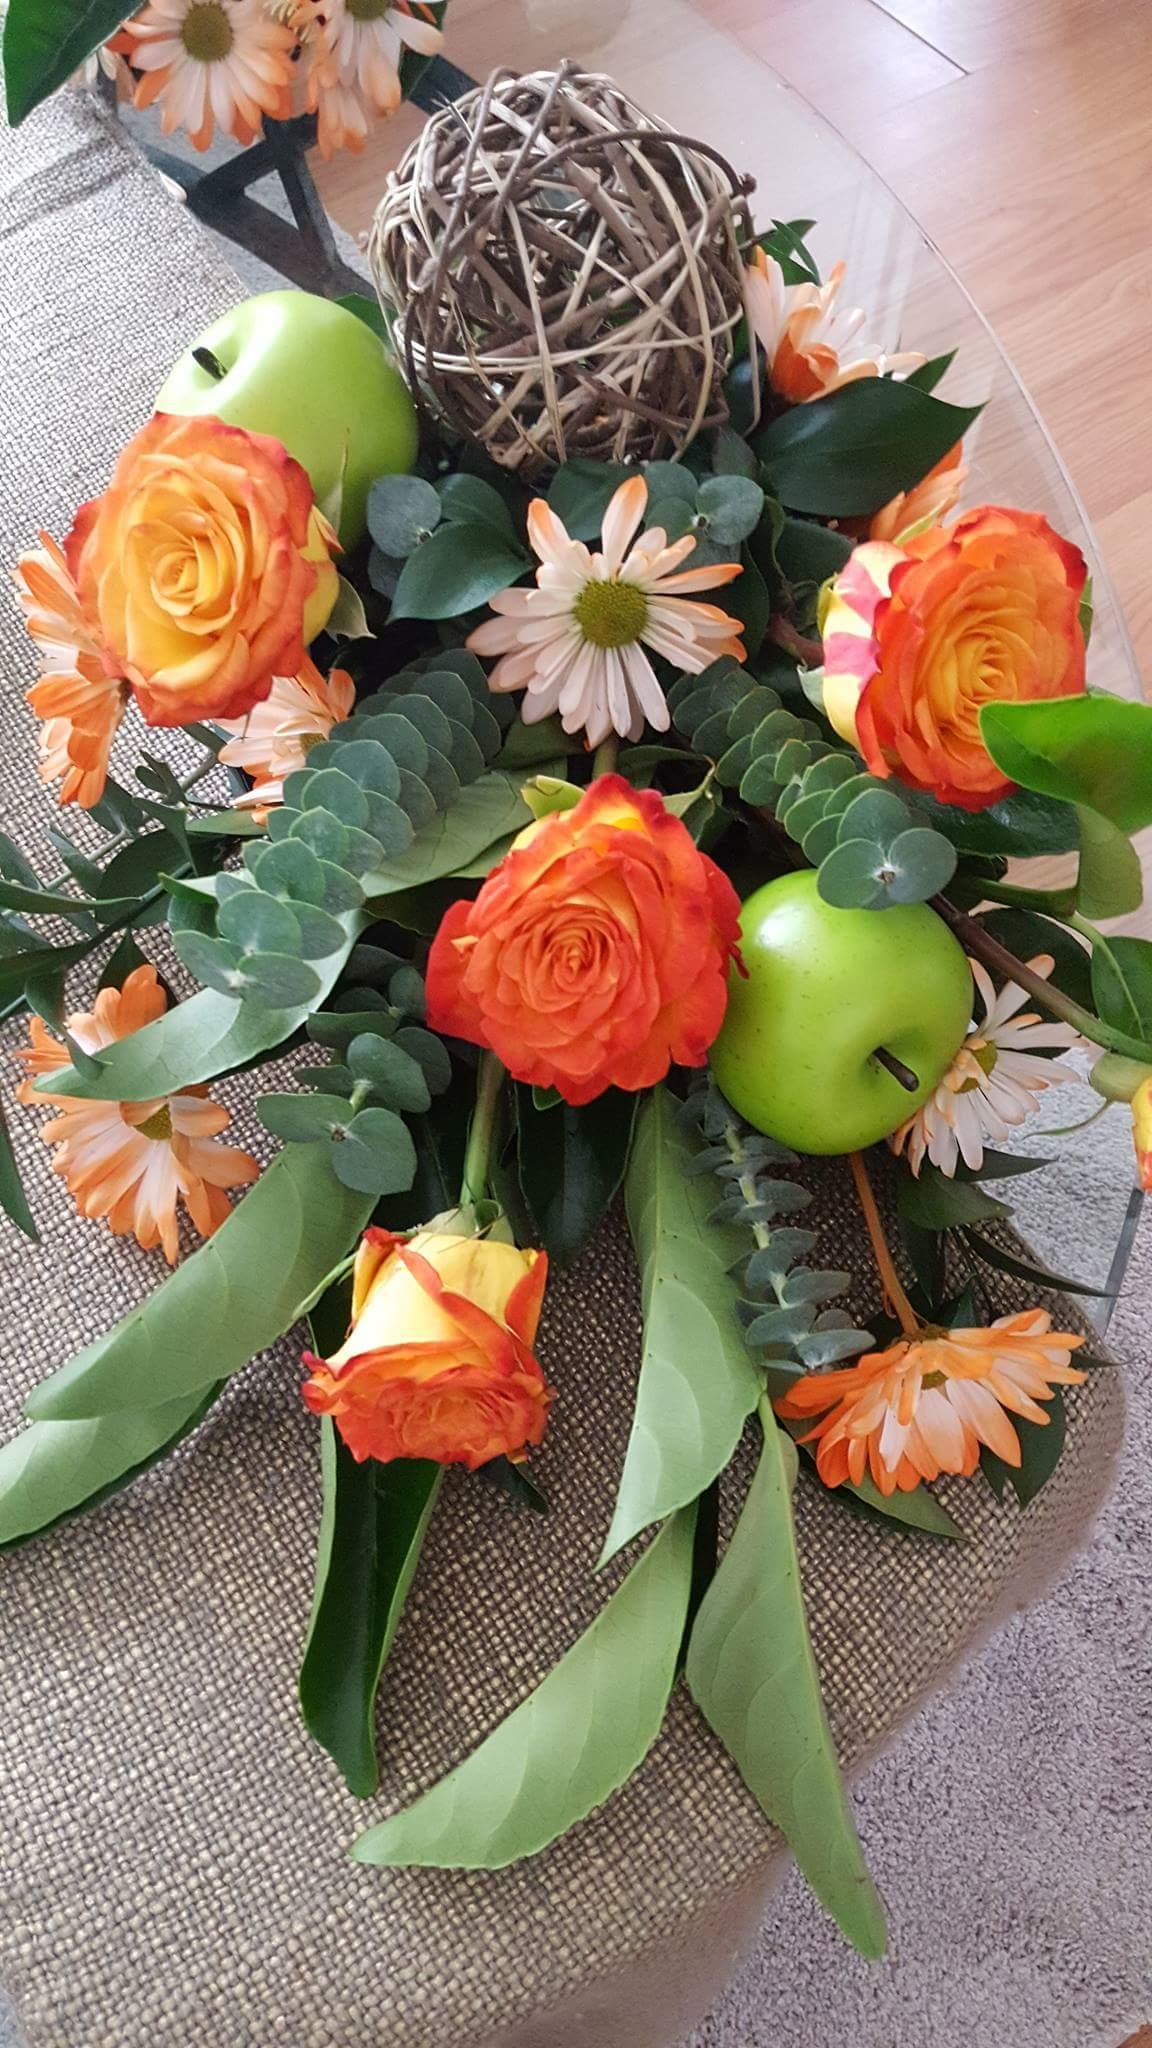 Ogłoszenie darmowe. Lokalizacja:  LAWRENCE TOWNSHIP. USŁUGI - Wszystkie inne. Oferuje dekoracje kwiatowe na rozne.